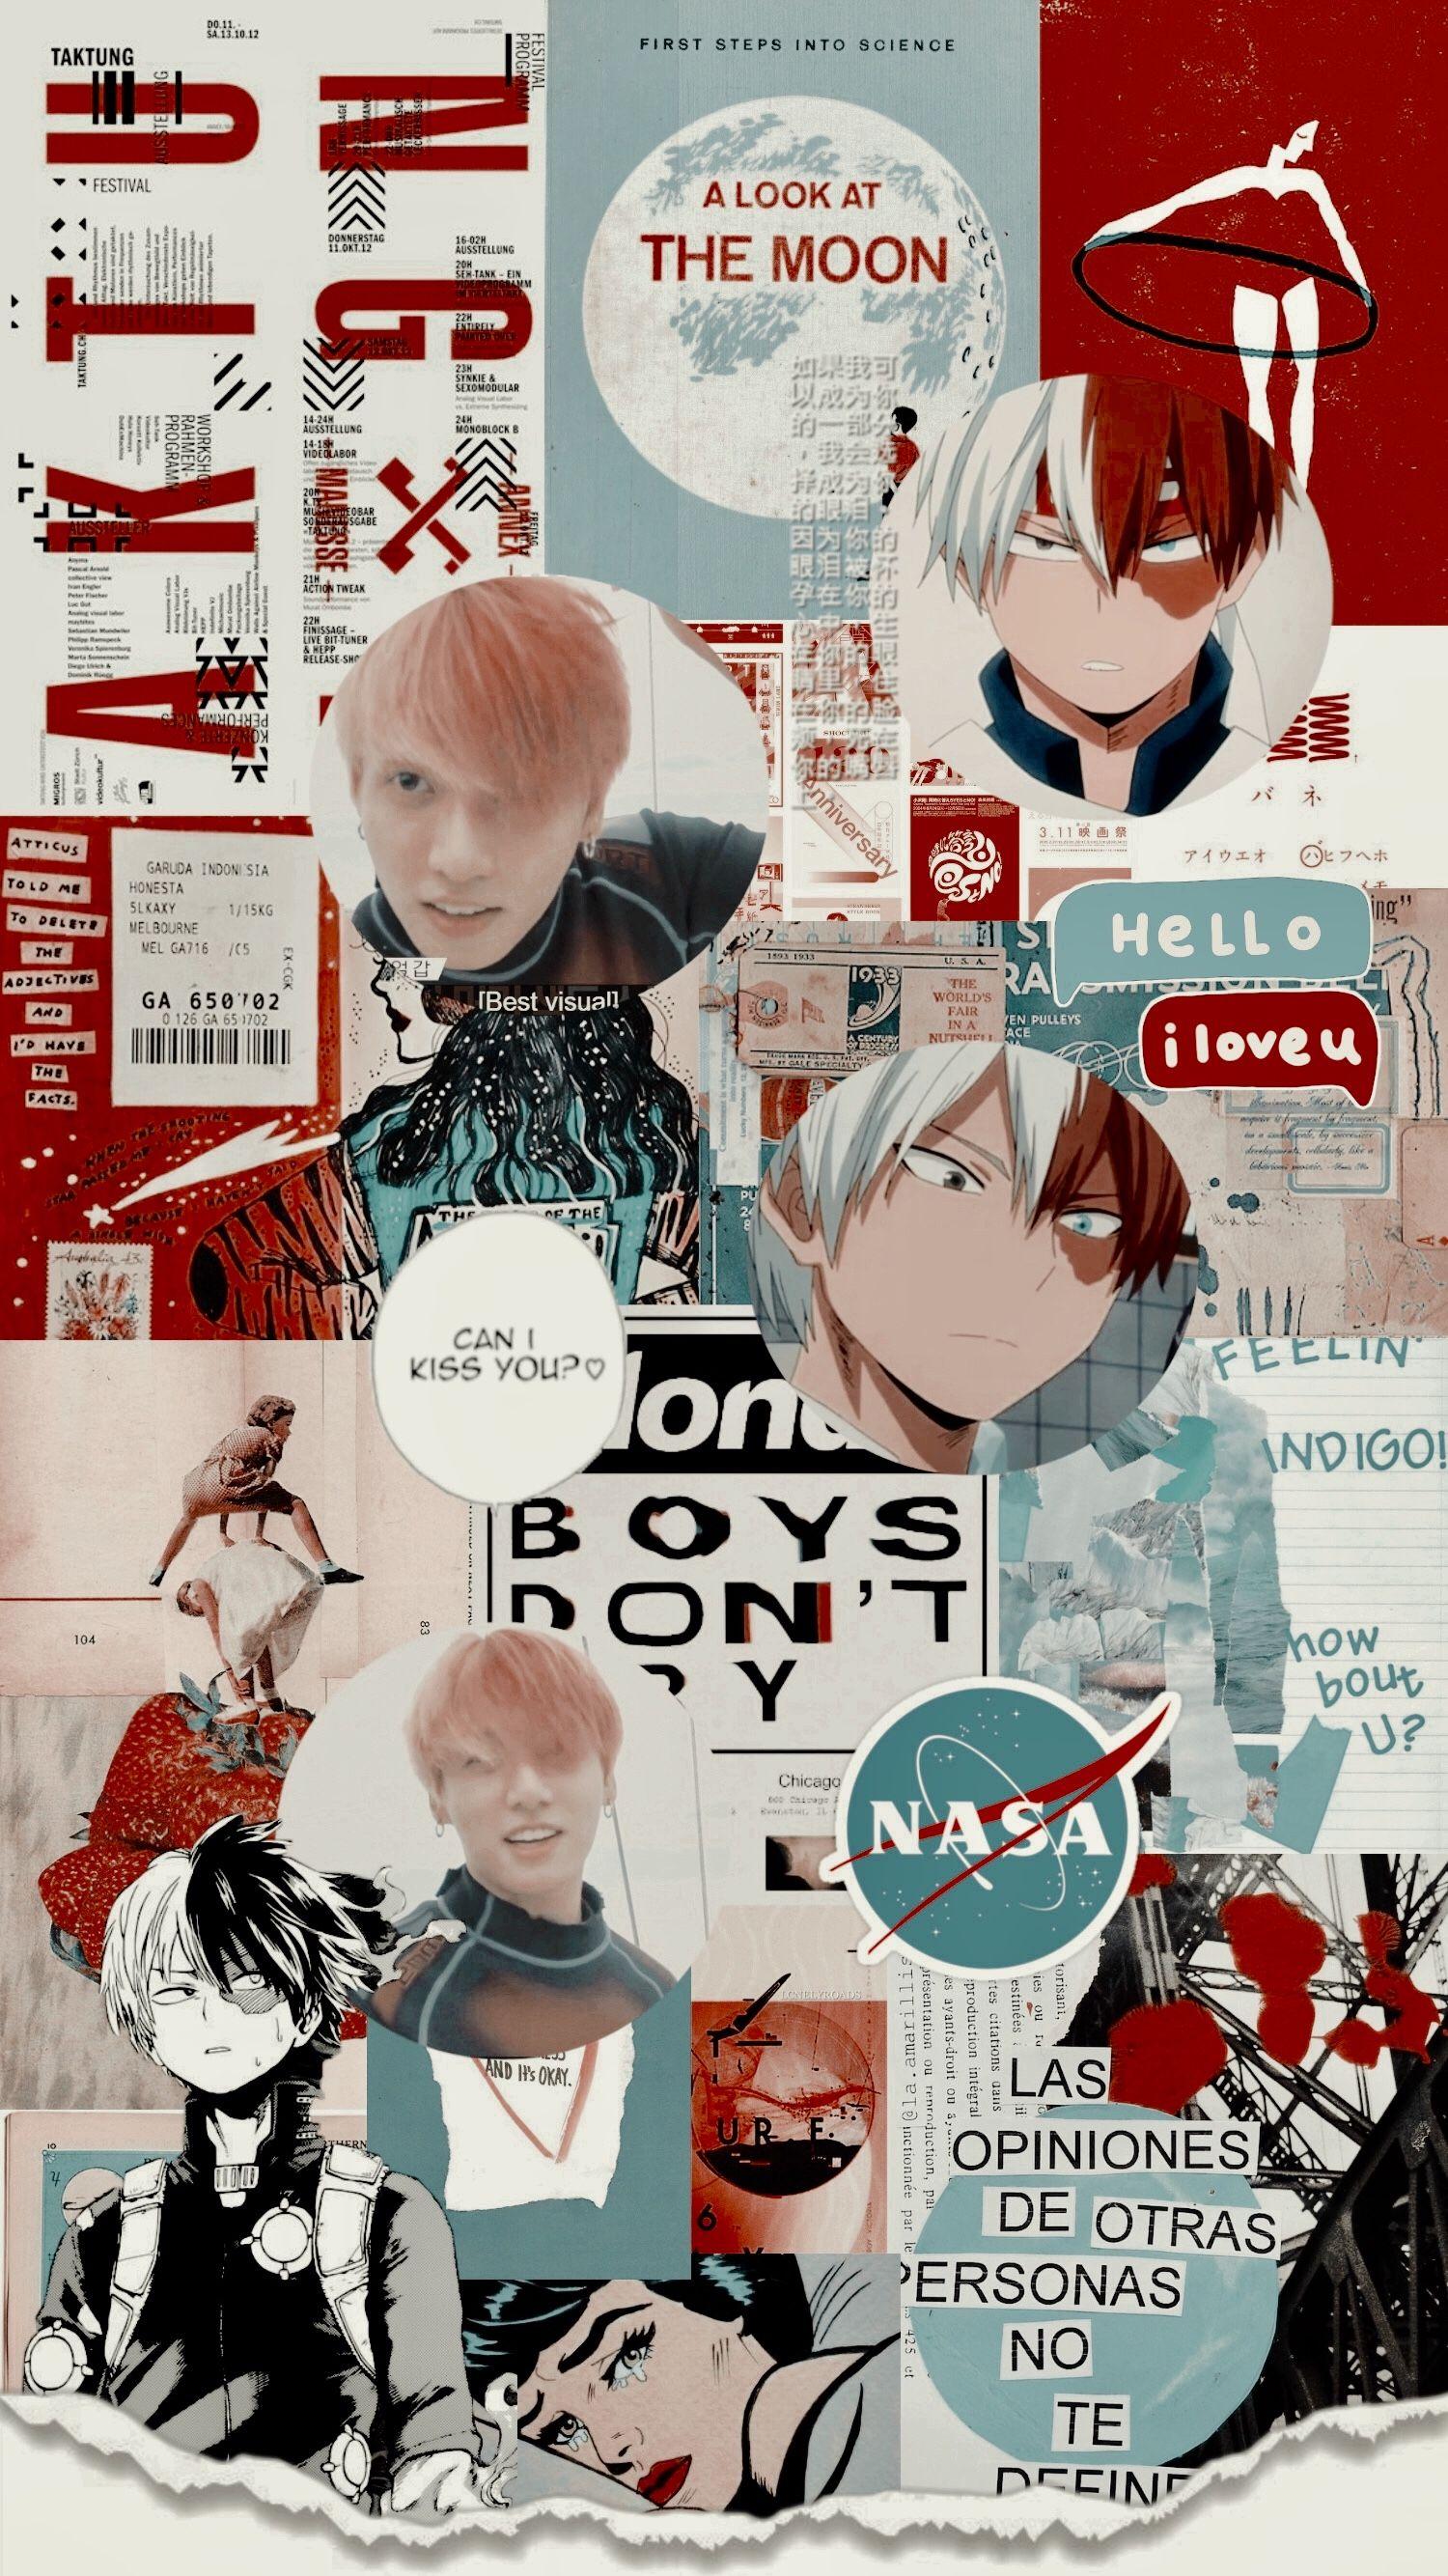 Jungkook Todoroki Bts Anime Kpop Wallpaper Bokunohero Cute Anime Wallpaper Anime Life Anime Wallpaper